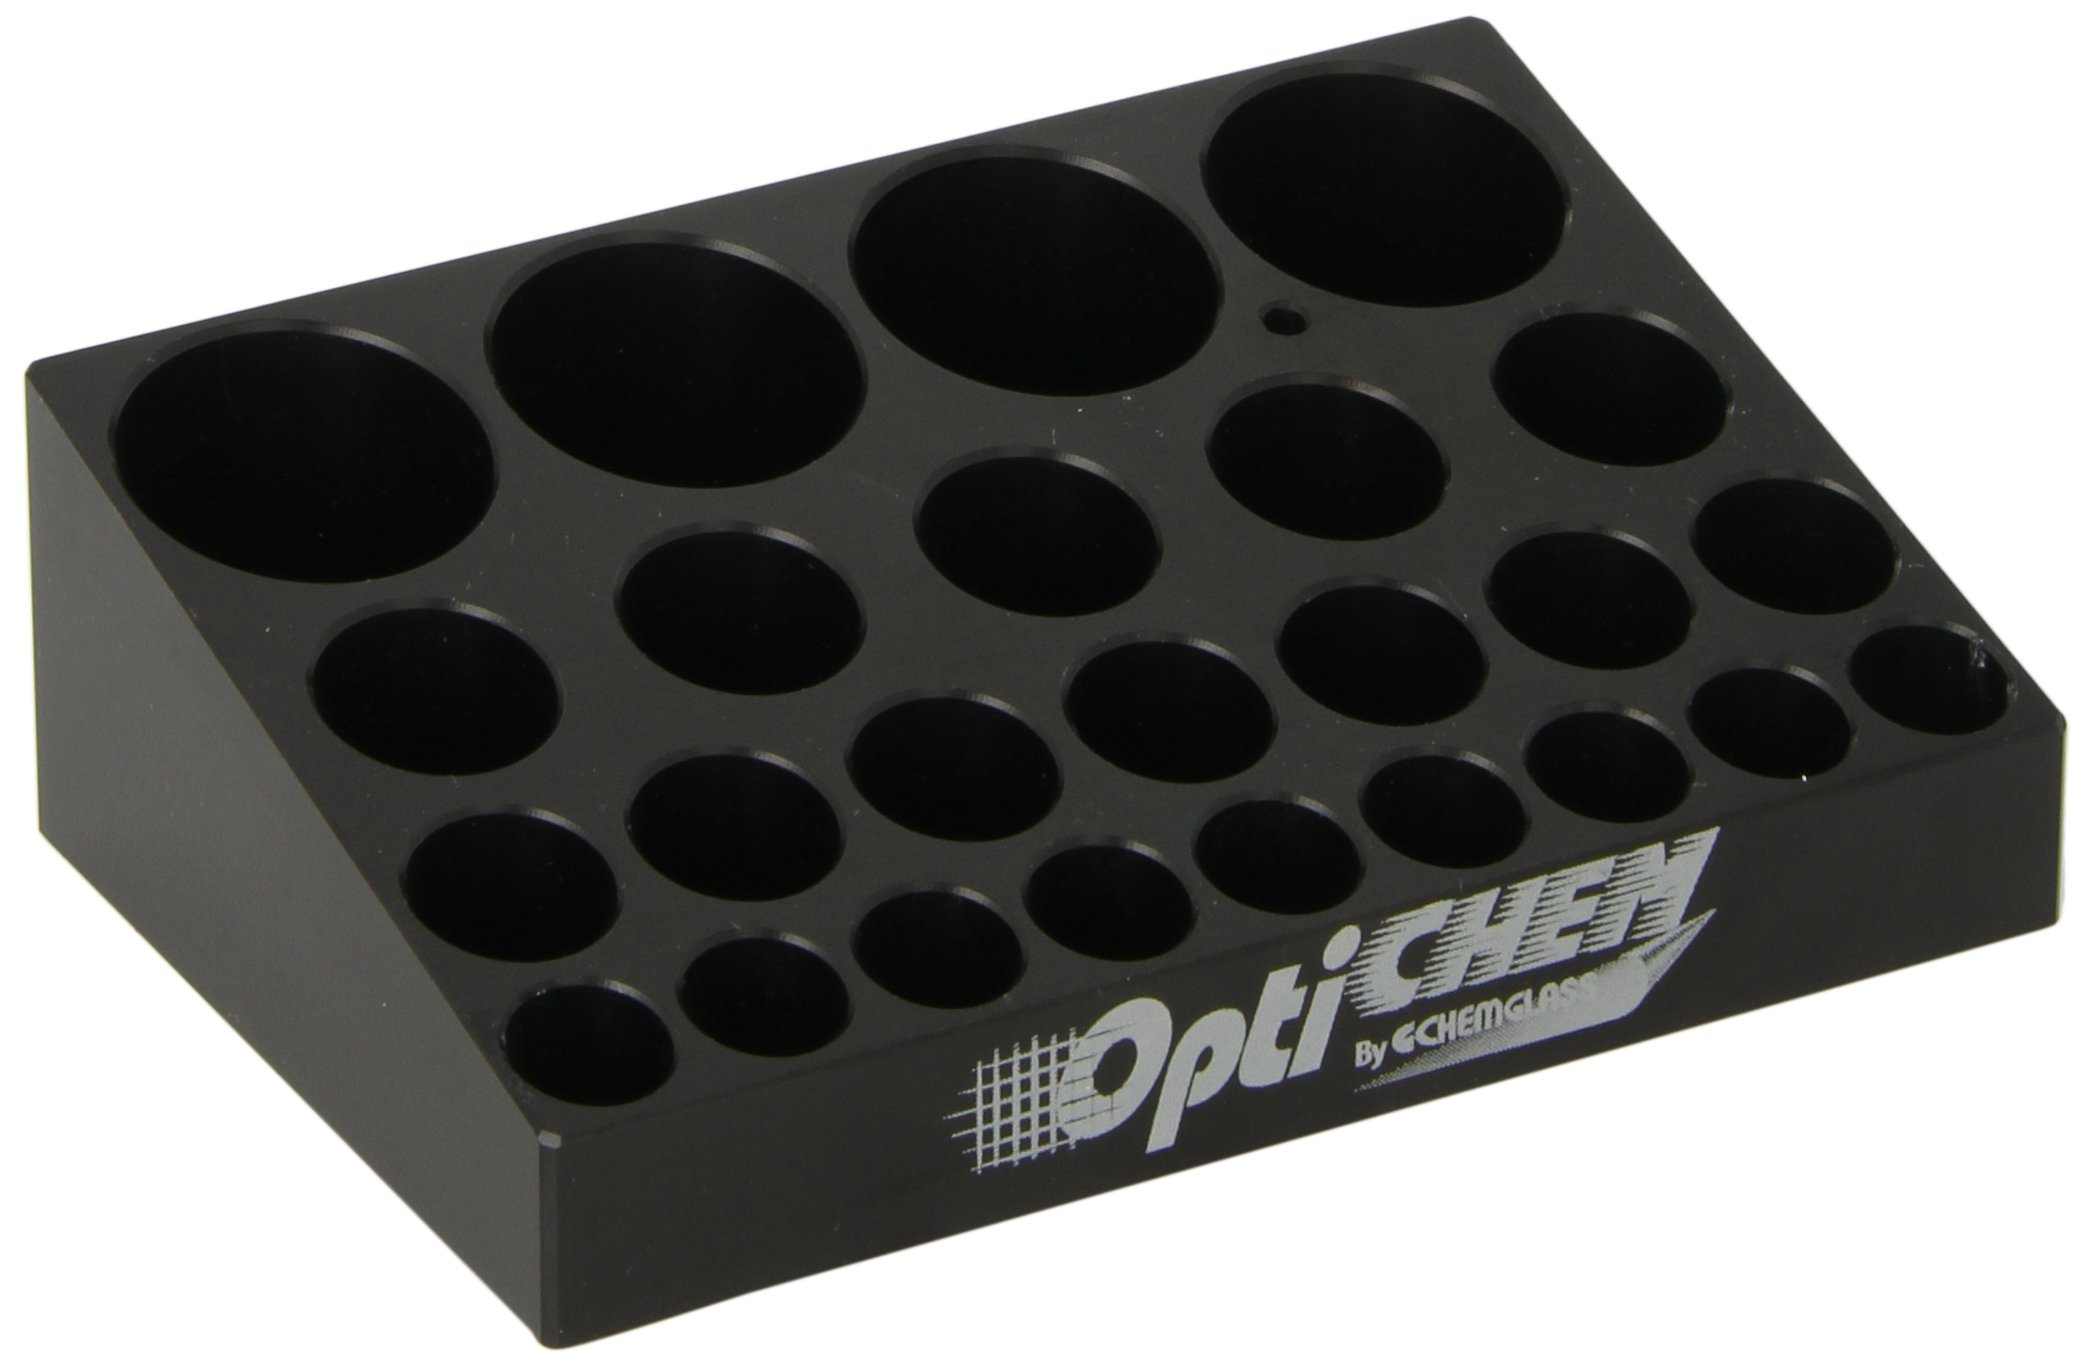 Chemglass Optichem OP-6600-90 Aluminum Multi-Vial Block for Centrifugal Vacuum Evaporators, 25 Position